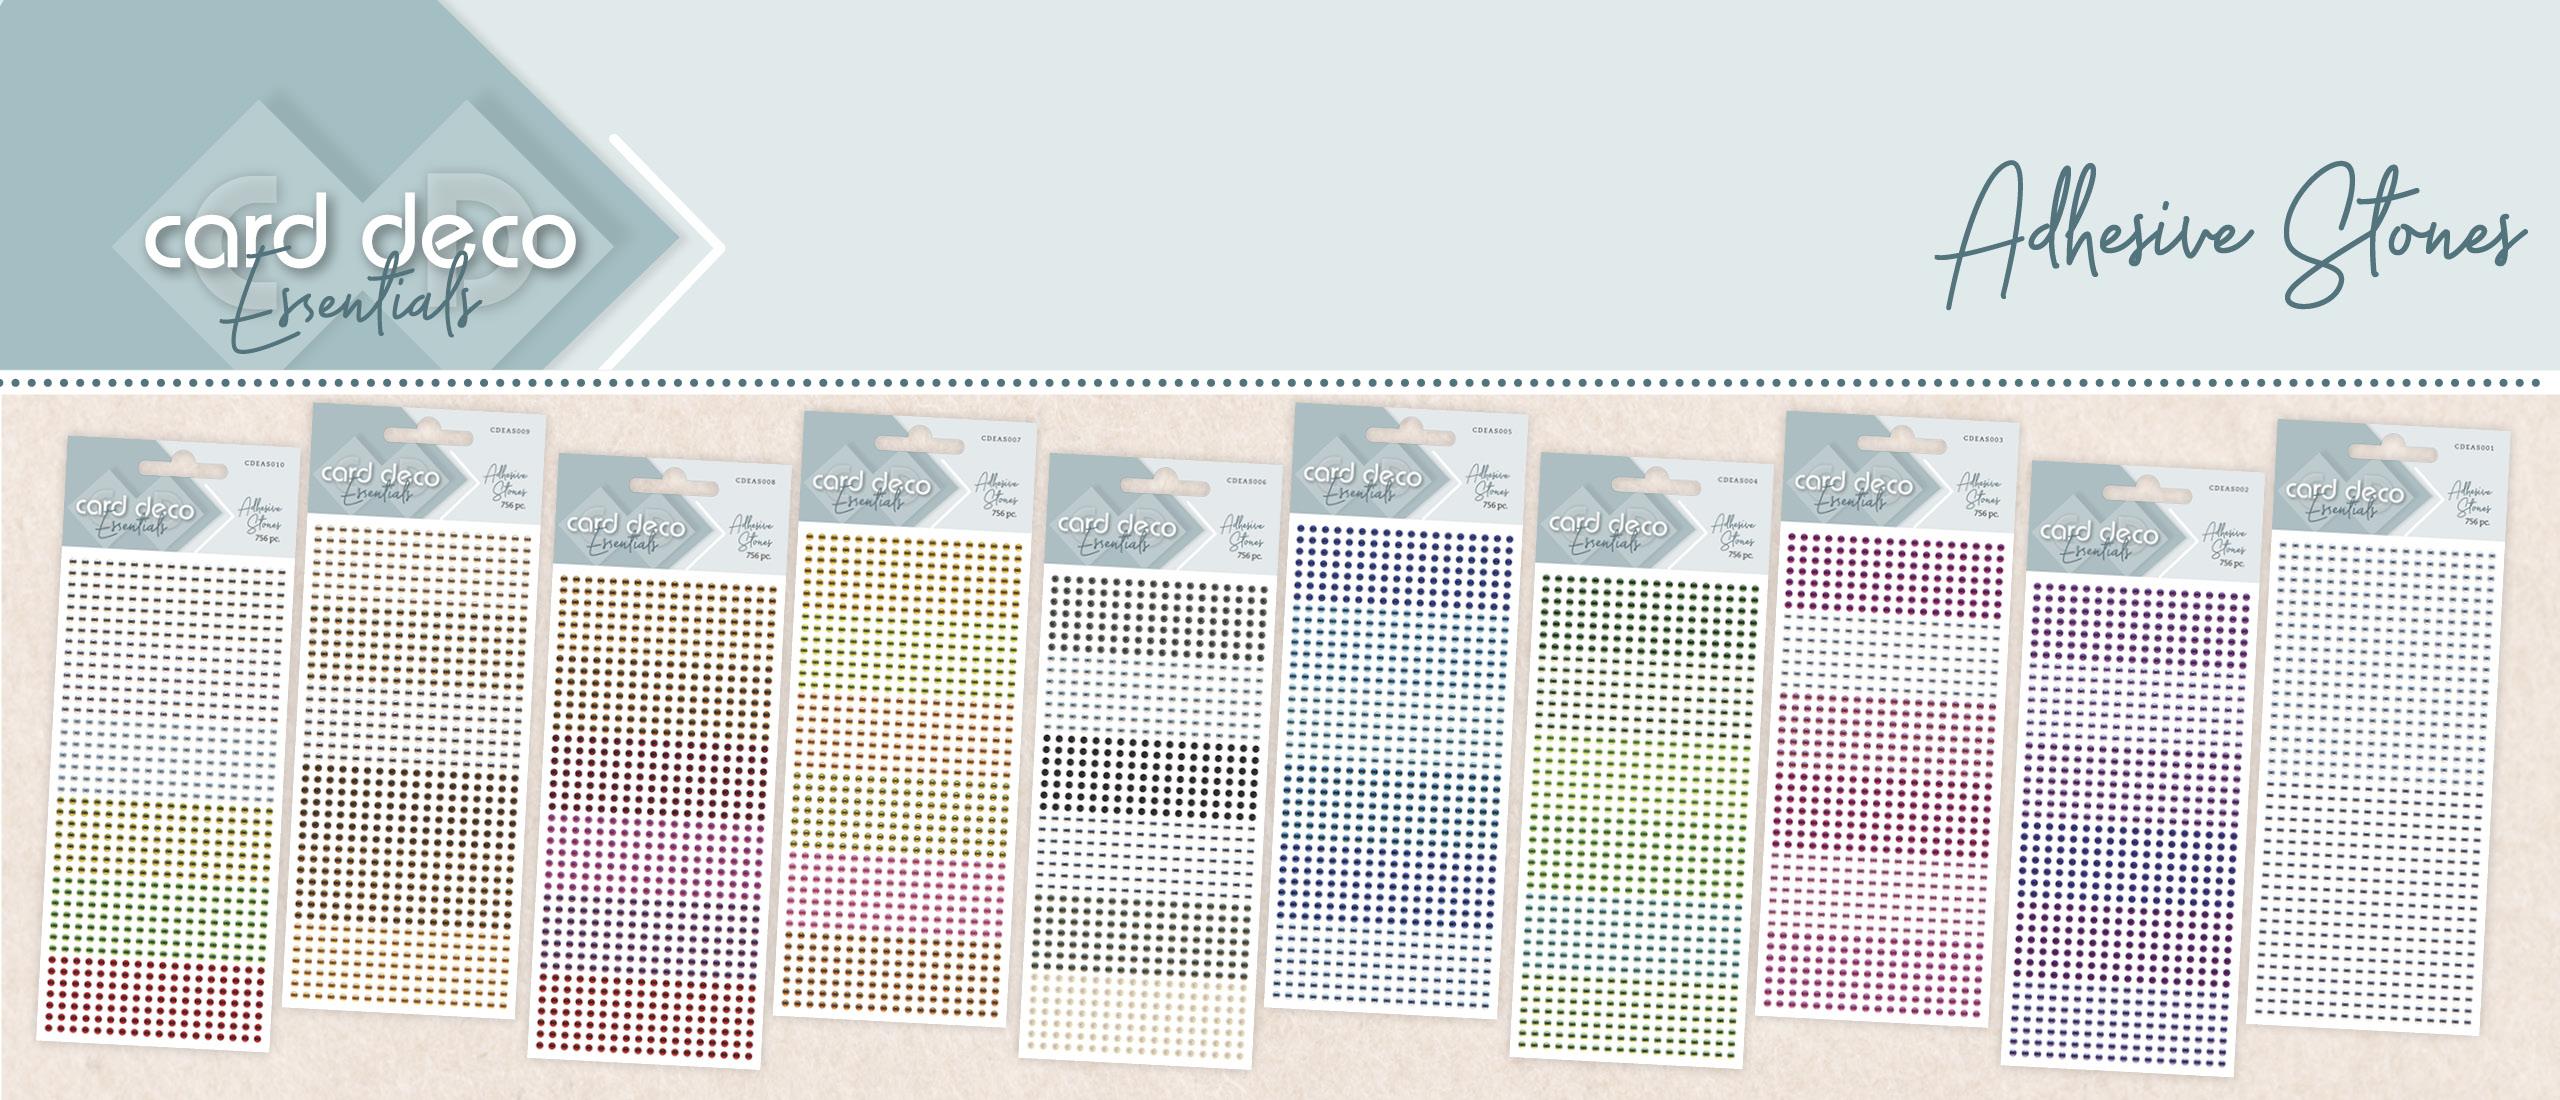 New: Card Deco Essentials Adhesive Stones